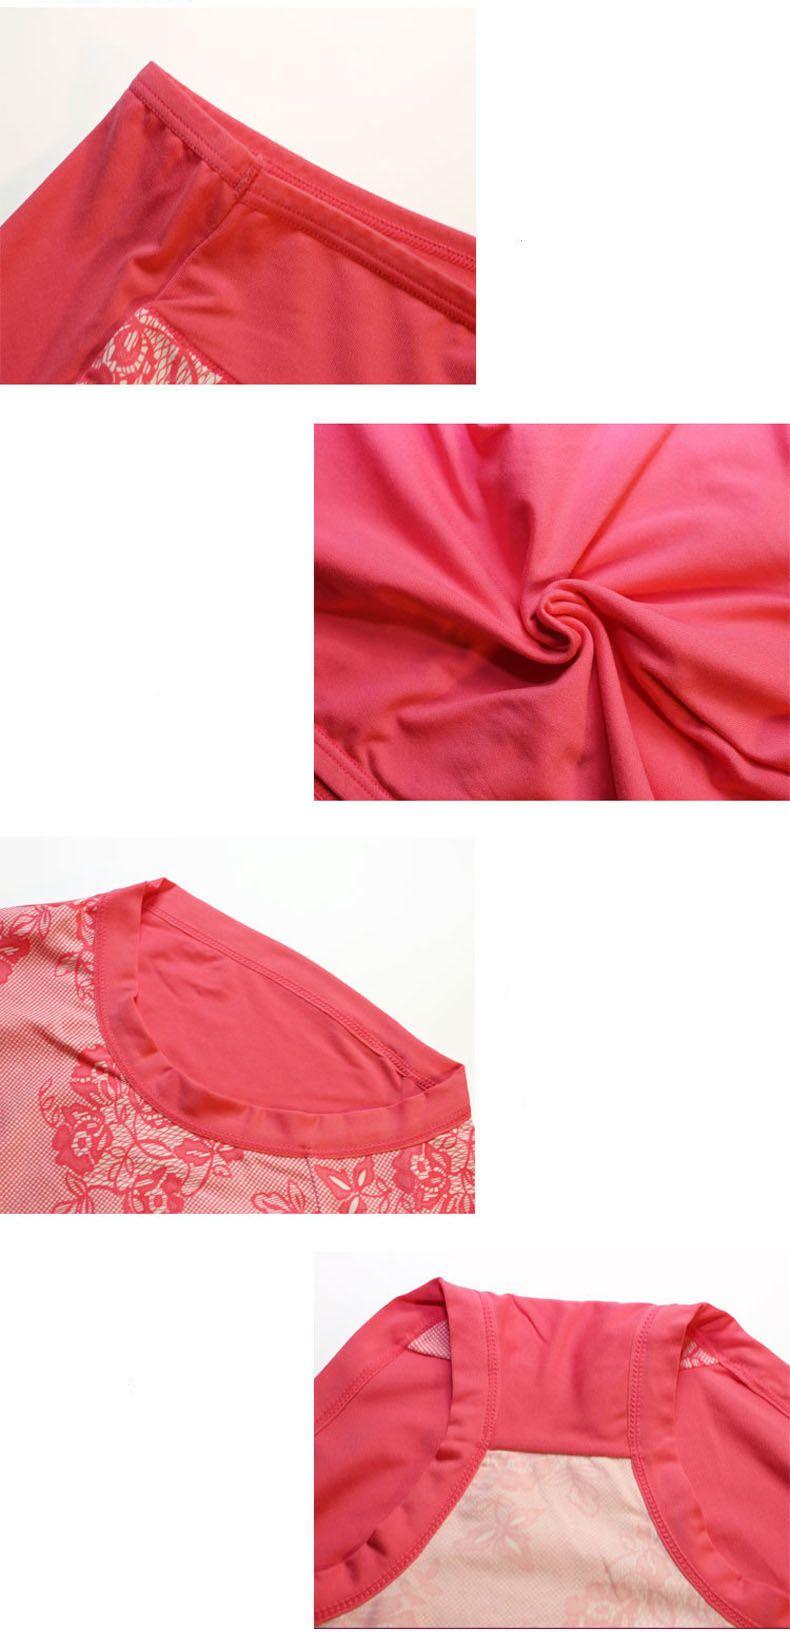 Новое прибытие дамы бамбукового волокна напечатаны в талии треугольник белье благородная женщина, чтобы увеличить конец акции NP048